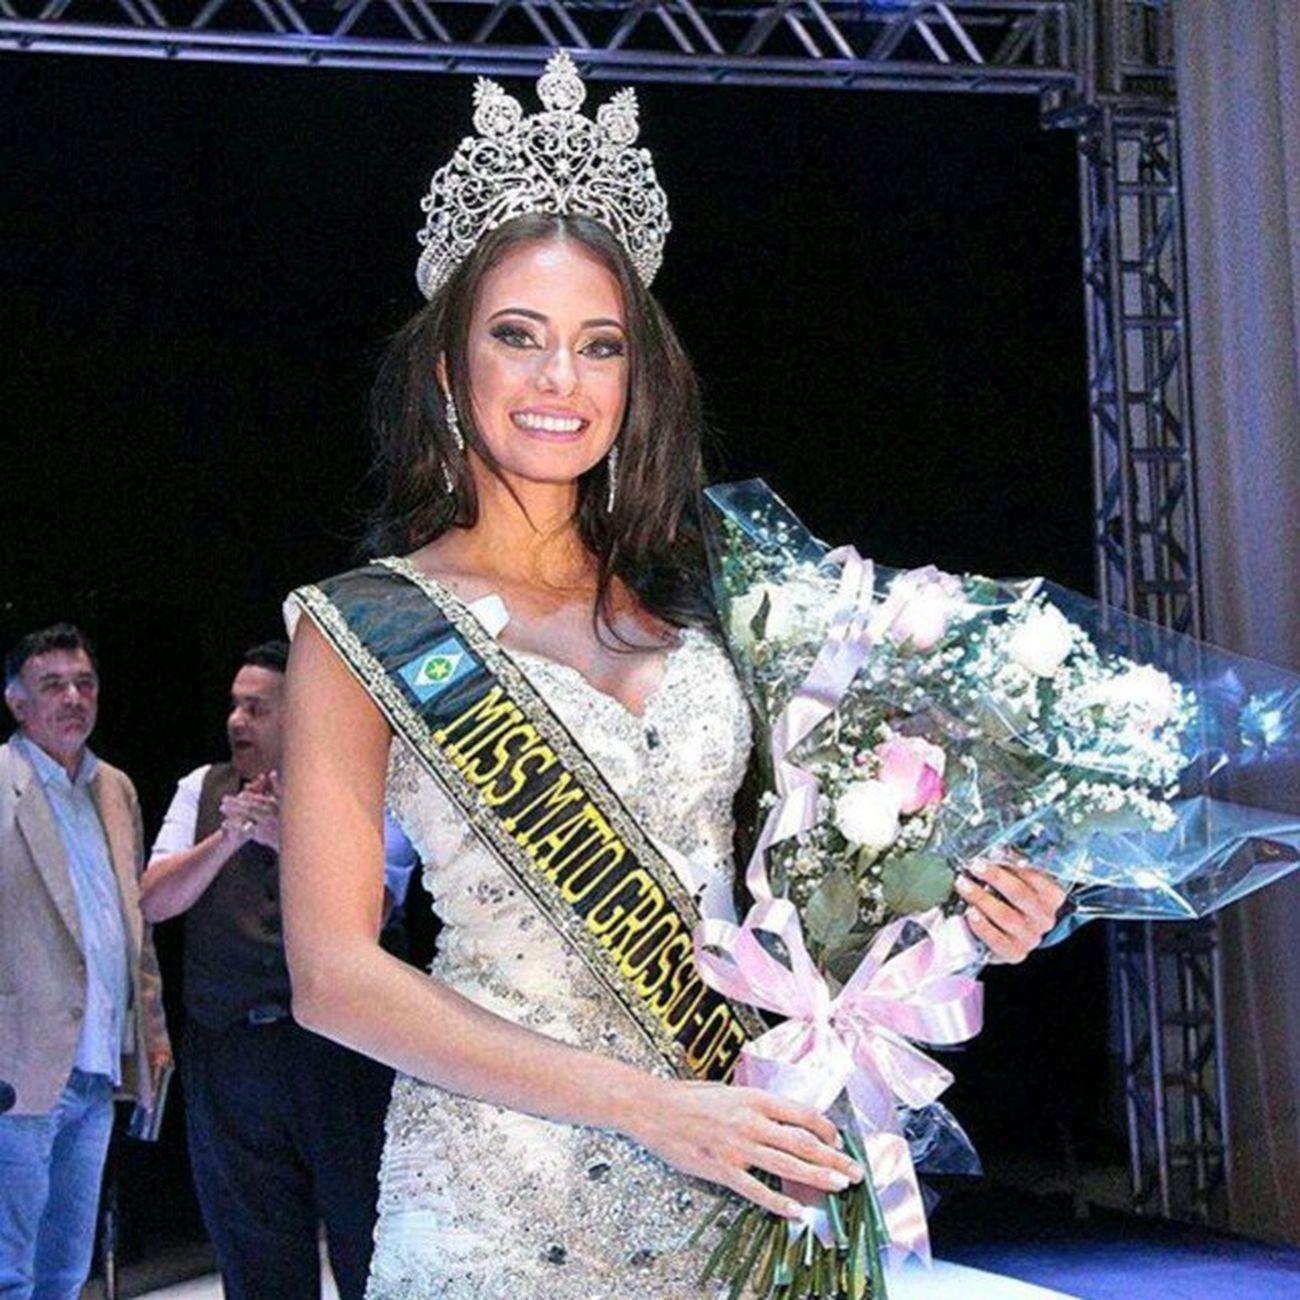 E a linda Camilla Obersteiner foi eleita Miss Mato Grosso 2015! Parabéns e Boa Sorte no Miss Brasil!! _________________________________ @camilladvo MissMt MissMatoGrosso MissMatoGrosso2015 MissBrasil World CentroOeste MatoGrosso_Brasil Bresil  Brazil Brasil Brazilien Southamerica Vaiqueésua ACoroaéNossa Linda Diva Lacrou JáGanhou